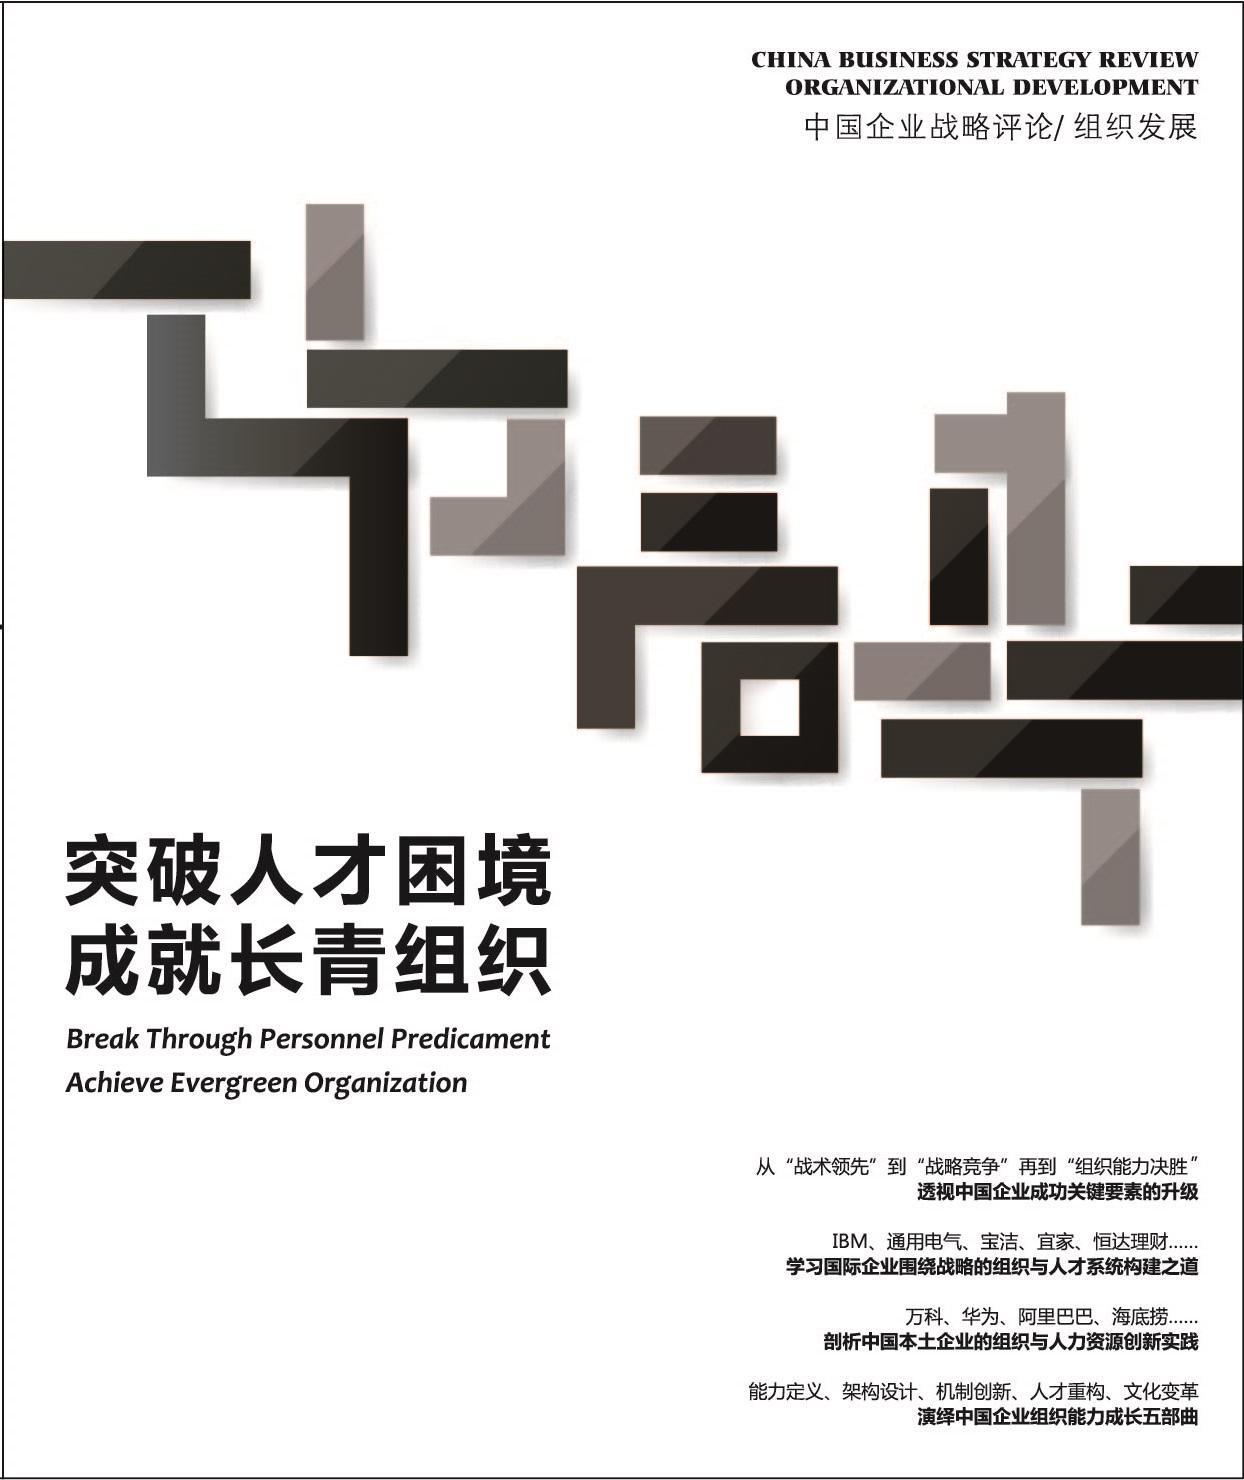 中国企业战略评论/组织发展